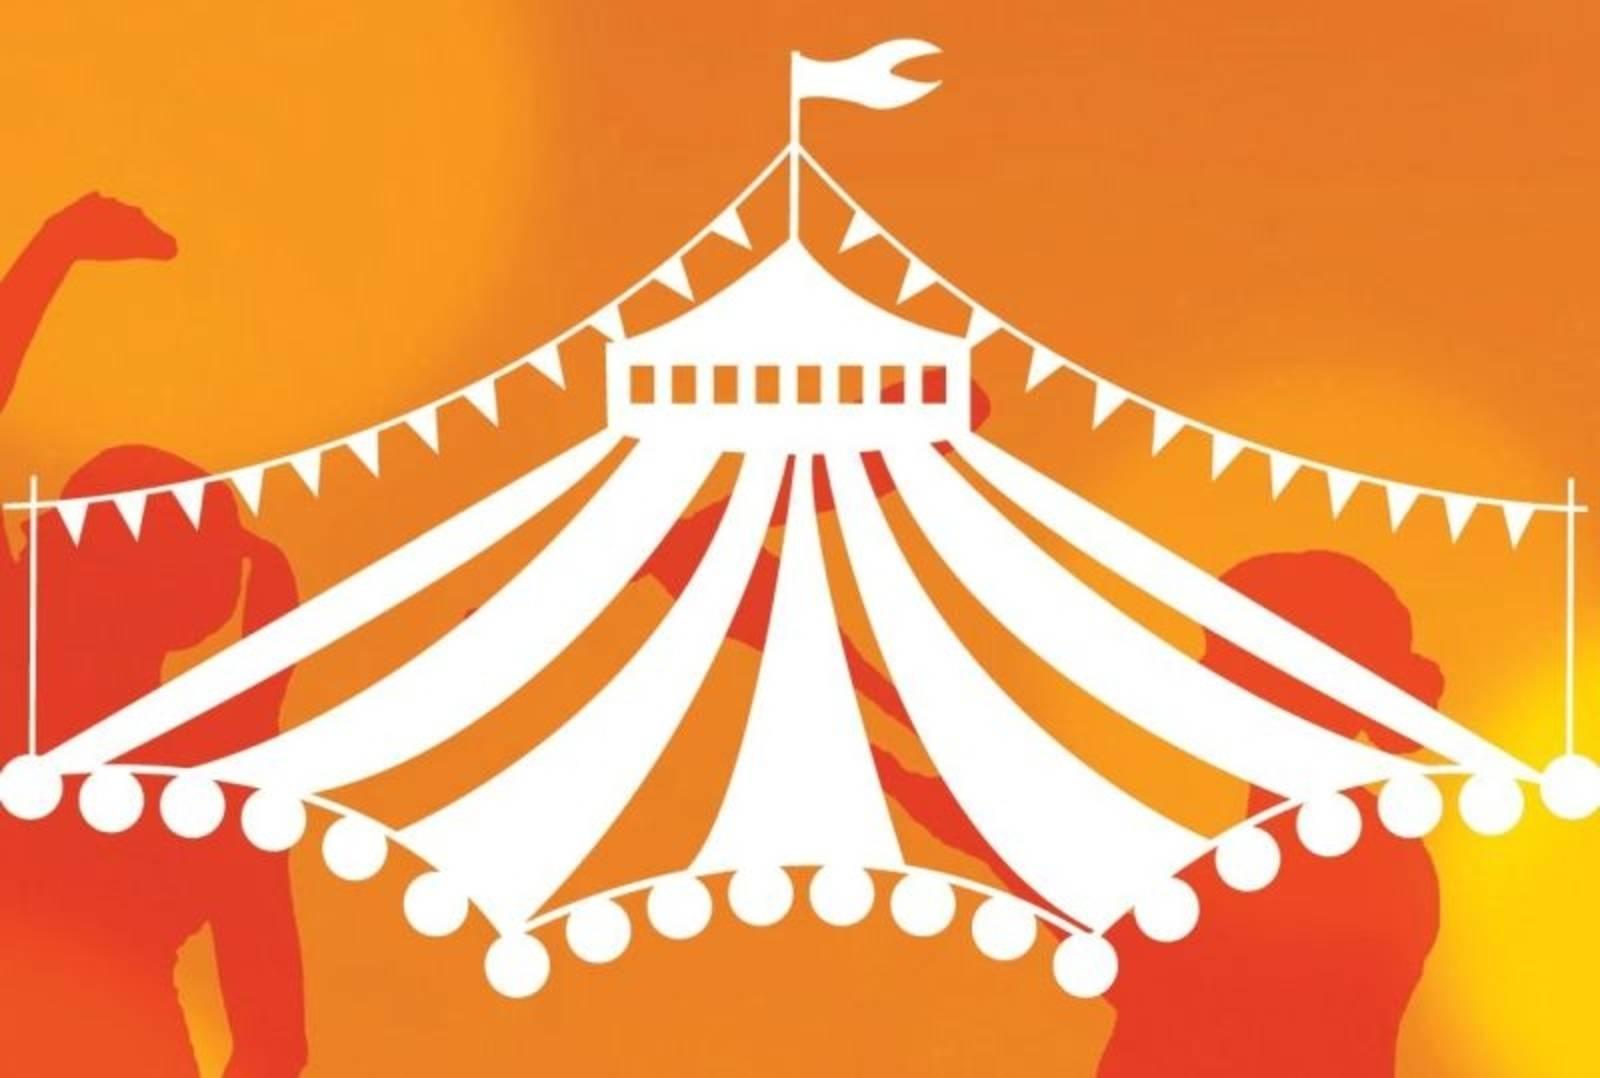 ein Zirkuszeltdach in weiß auf orangenen Untergrund, zwei Silouetten von Artisten flankieren das Dach